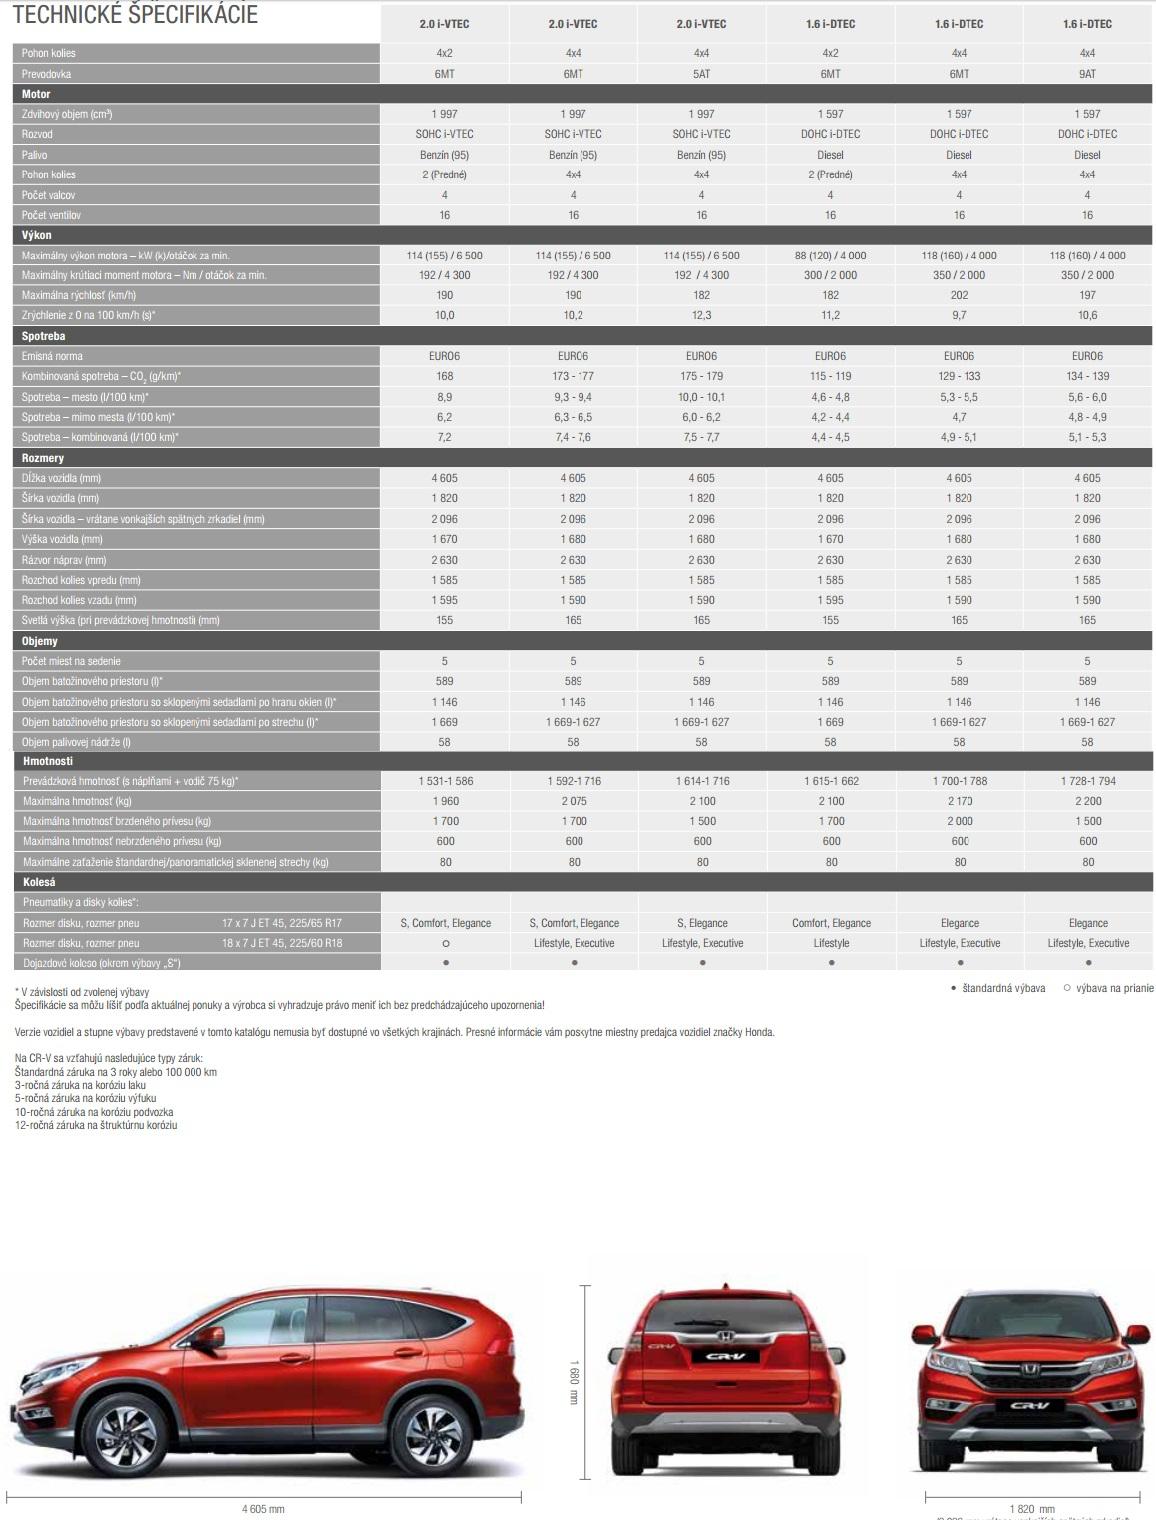 Technické údaje Honda CR-V